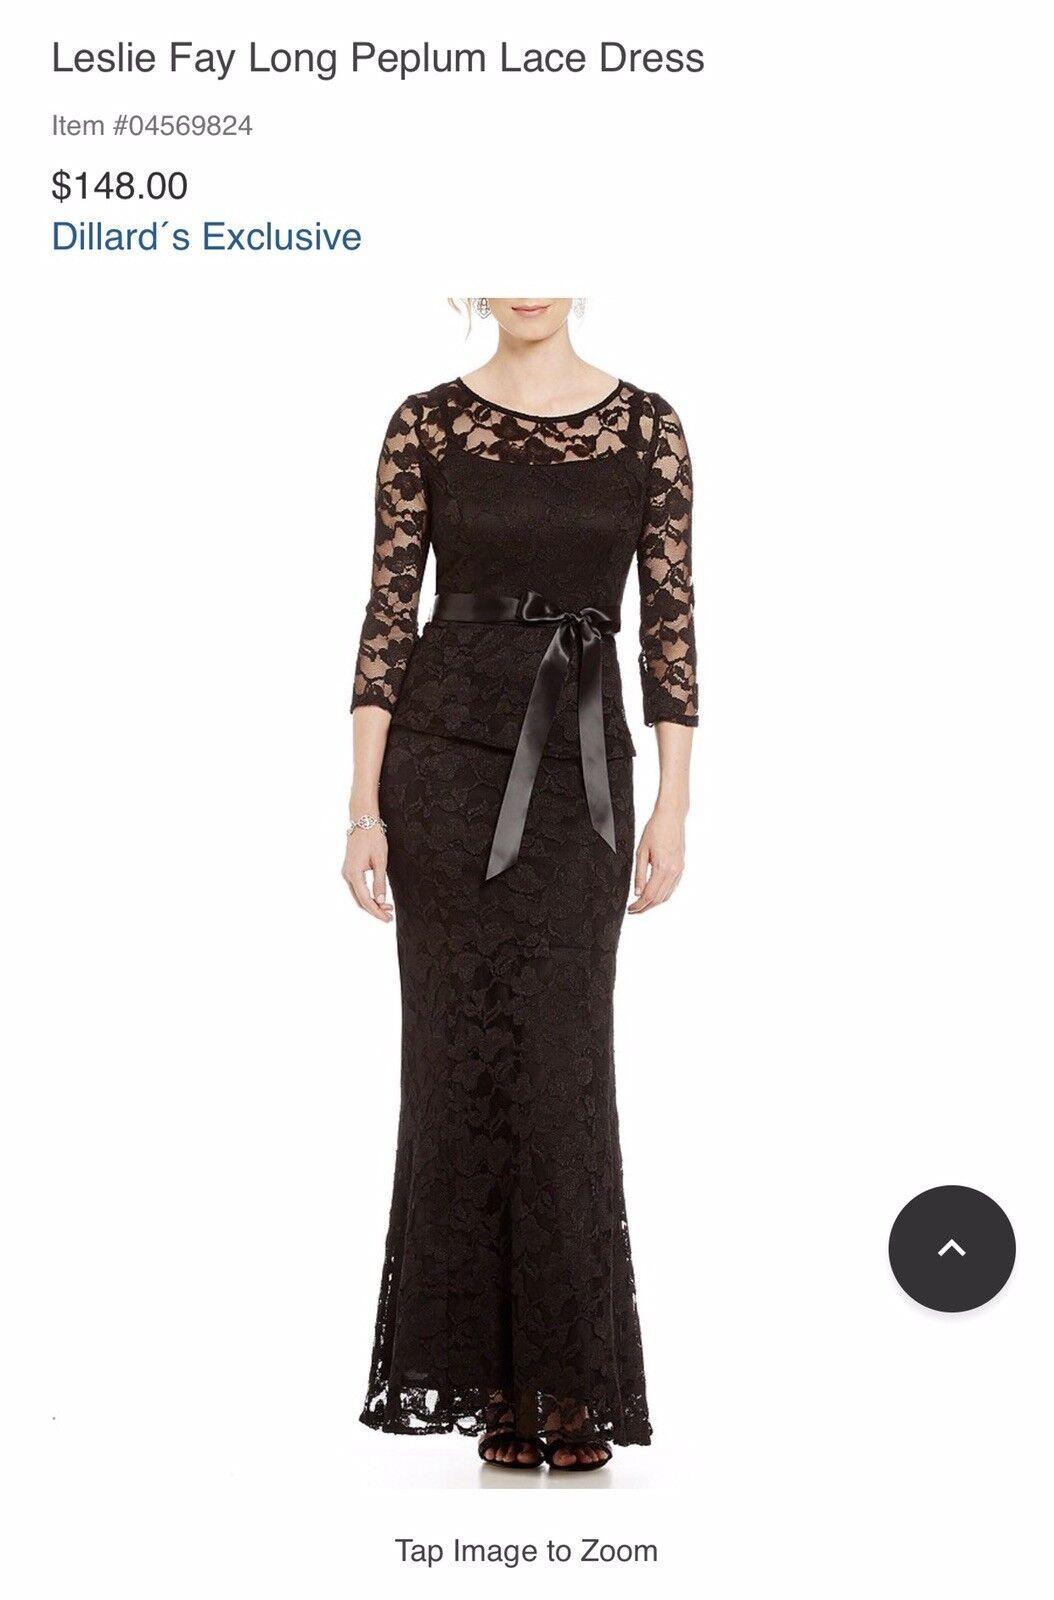 Leslie Fay Long Peplum Evening Dress schwarz Sz 6